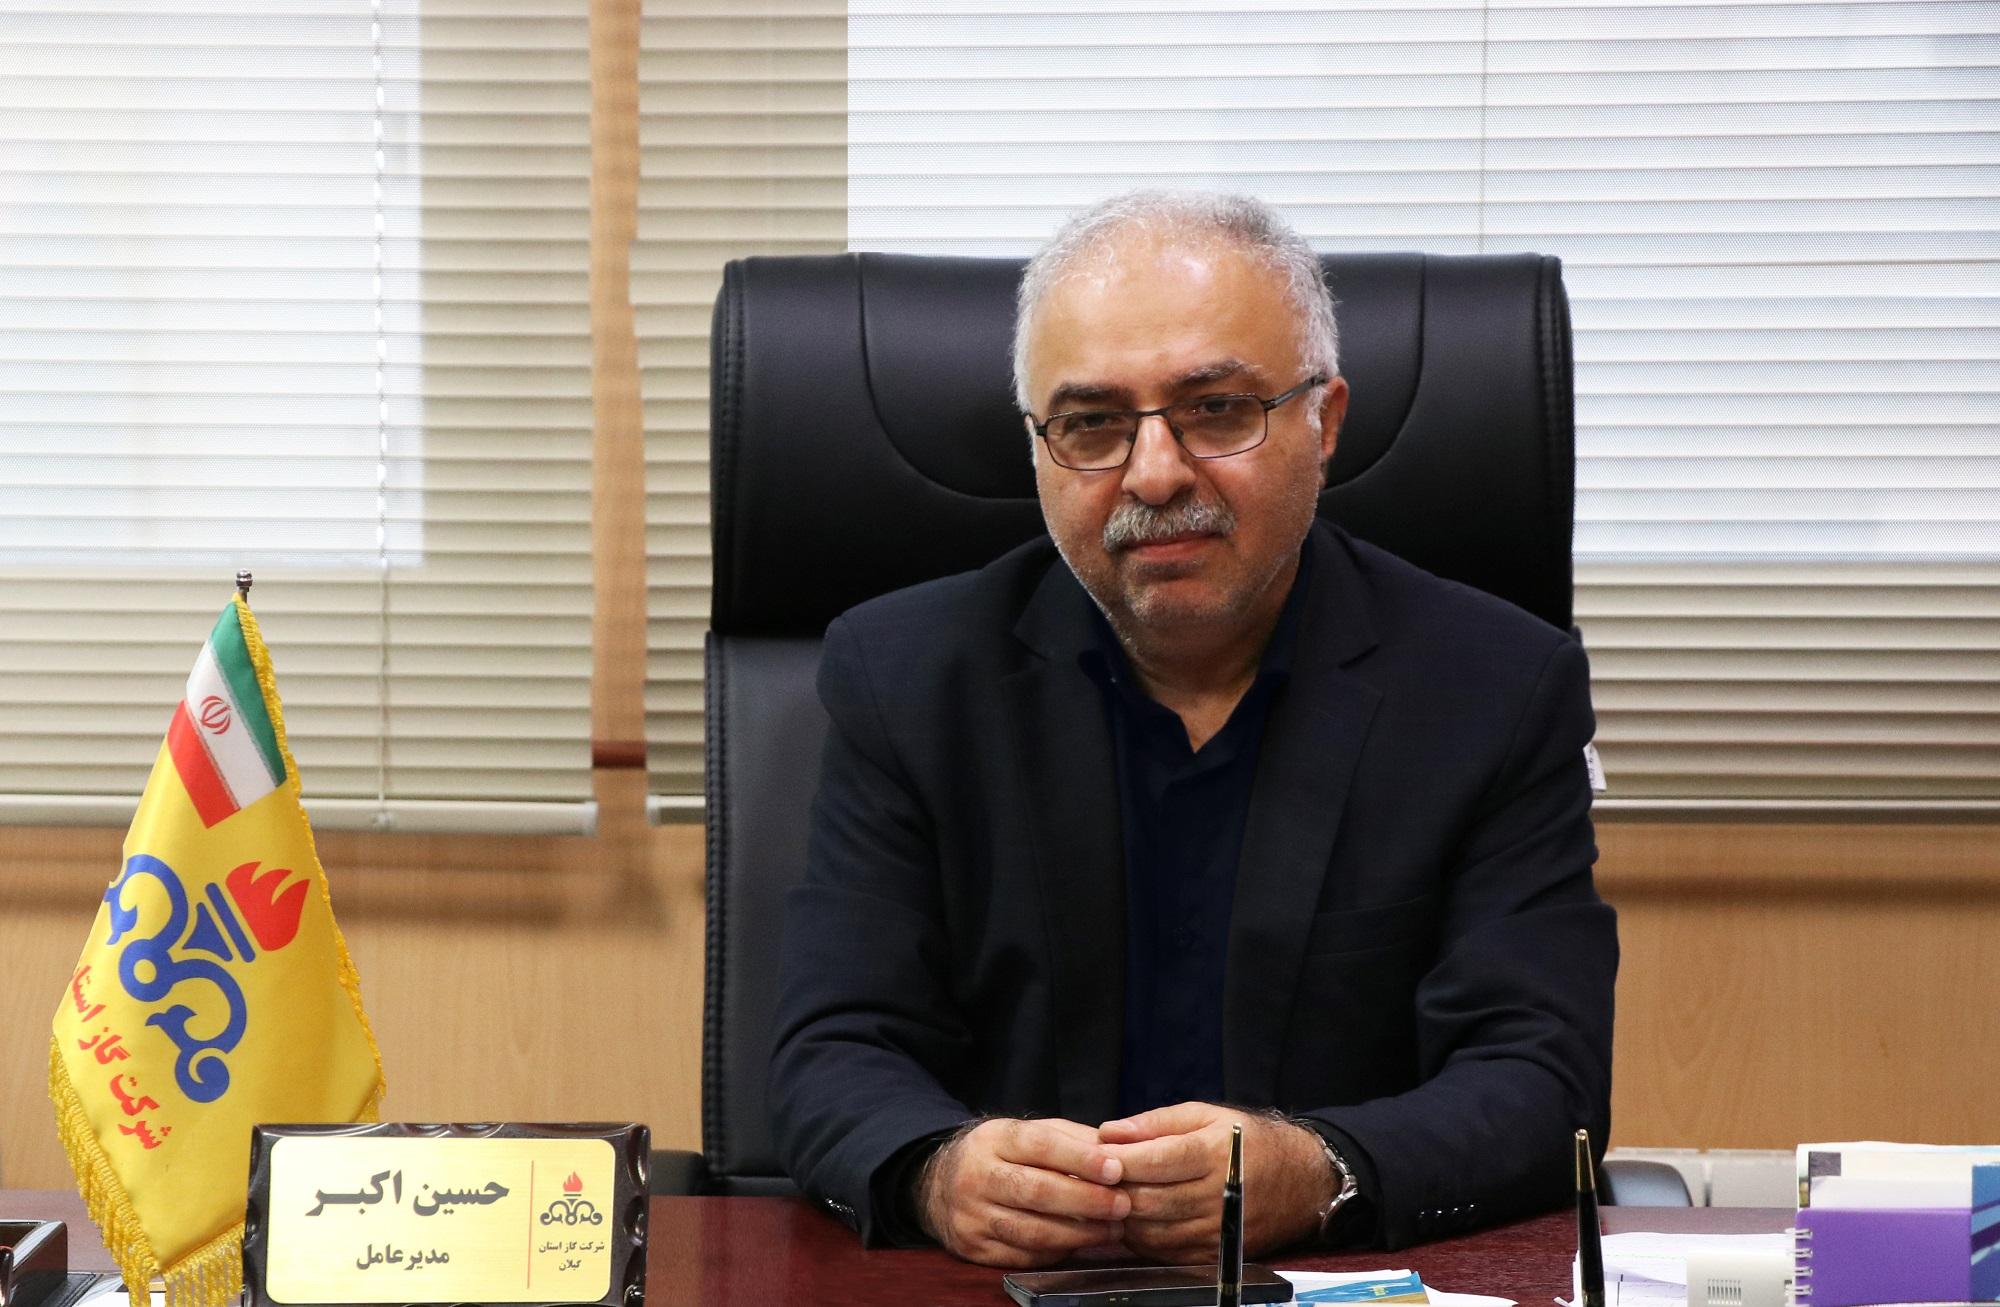 ۹۸ مدیرعامل شرکت گاز استان گیلان : درصد خانوارهای گیلانی از نعمت گاز برخوردارند